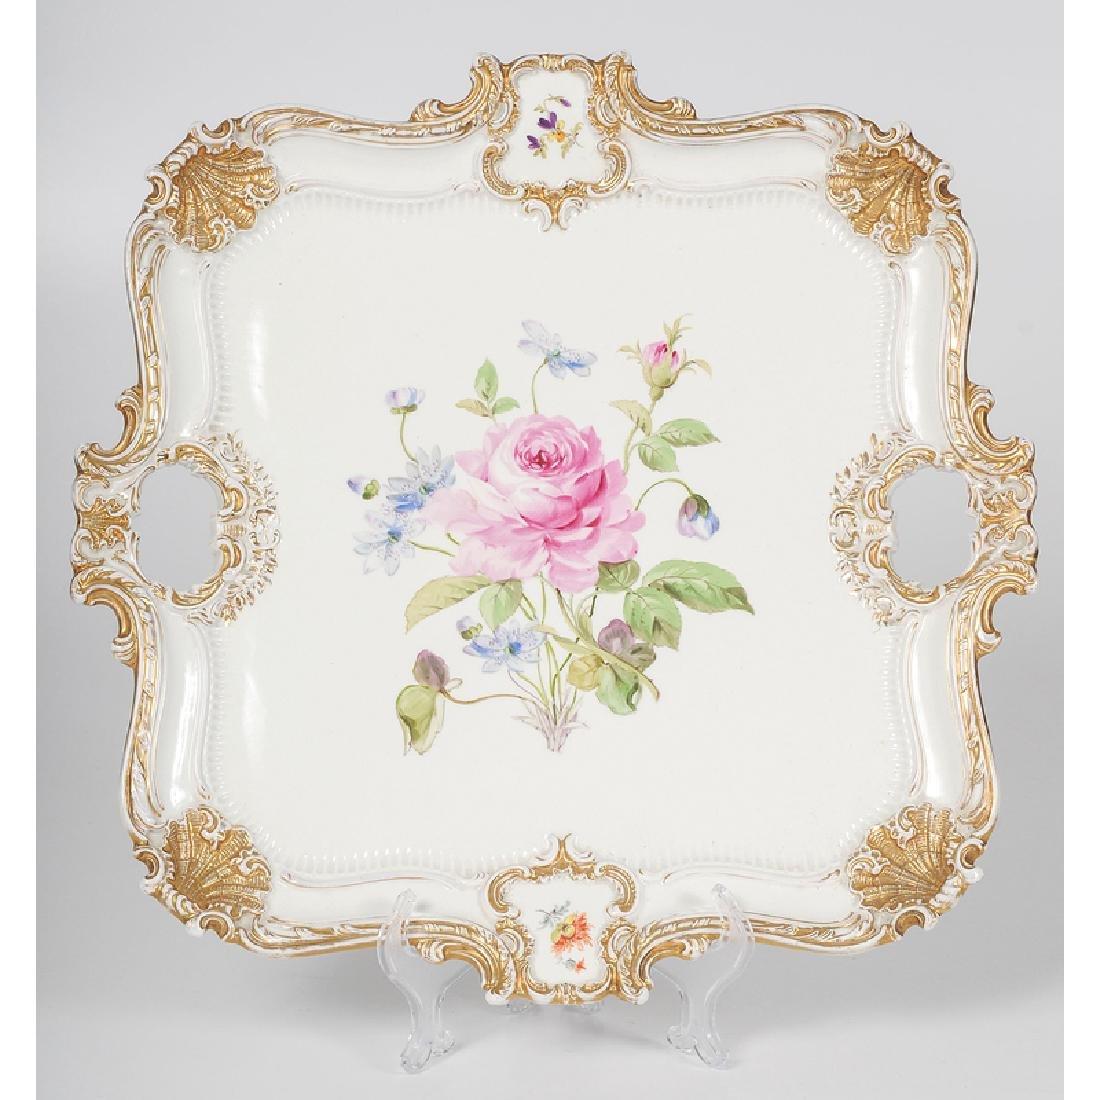 Meissen Porcelain Tray